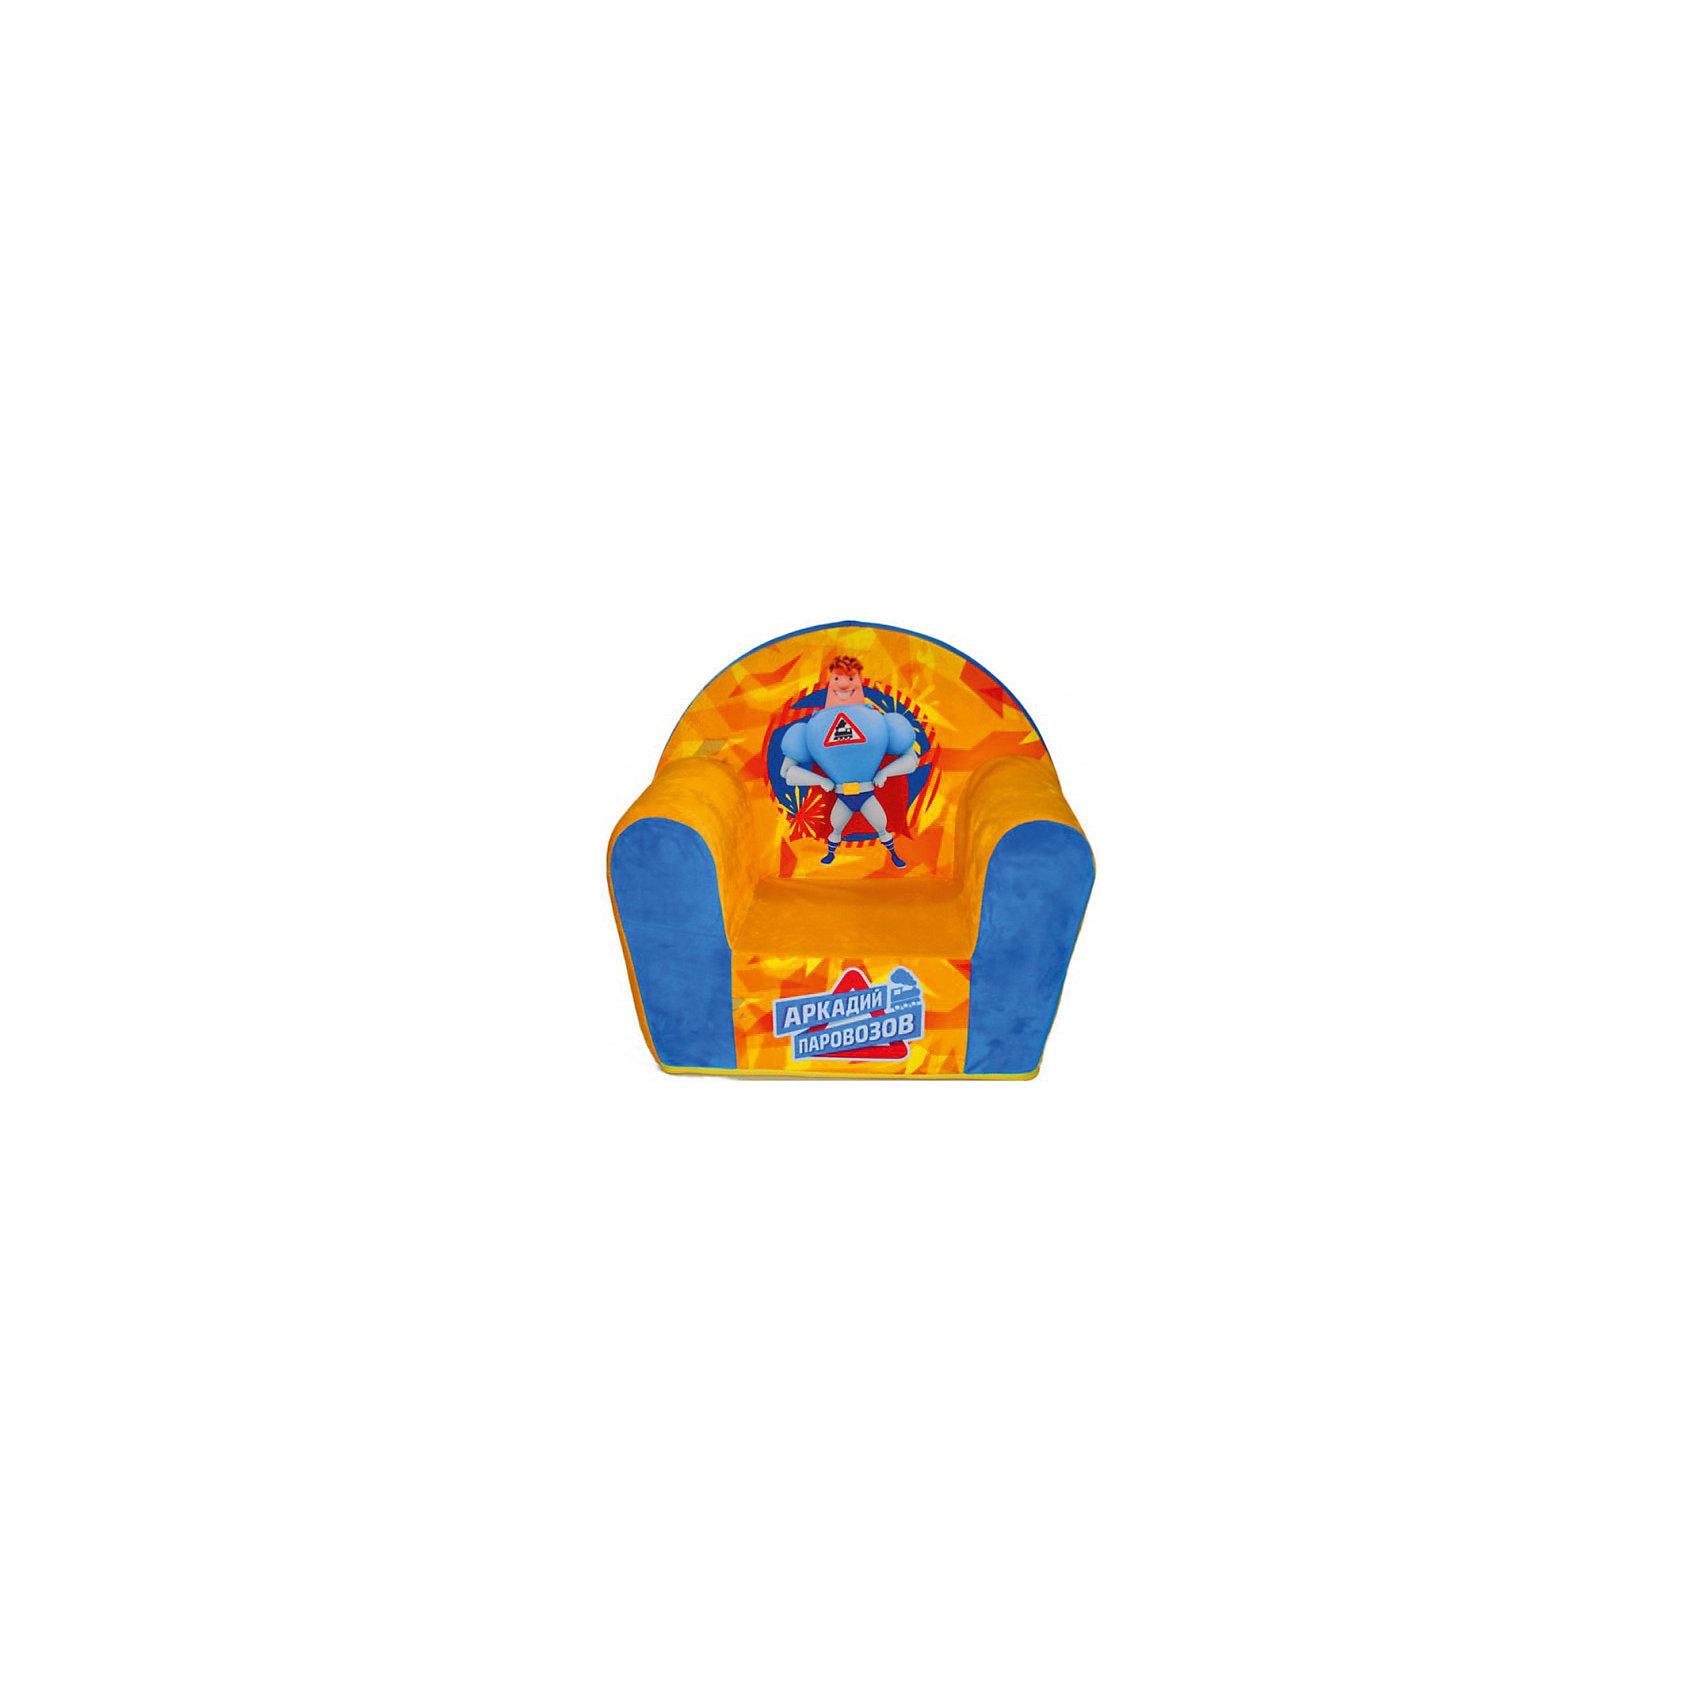 Мягкое кресло Паровозов в50, СмолТойс, желтыйМебель<br>Думаете, чем порадовать ребенка? Подарите это кресло! Детям очень важно иметь свои вещи, это касается не только посуды и игрушек, но и мебели. Именно поэтому такое кресло станет действительно желанным подарком для малыша. Тем более, что на нем есть изображение любимого мультяшного героя современных детей - Аркадия Паровозова.<br>Обивка кресла - мягкая и приятная на ощупь. Внутри предмет заполнен мягким пенополиуретаном! Кресло легкое, но устойчивое. Детям будет интересно и удобно в нем сидеть или играть. Такое яркое и симпатичное кресло оживит и украсит комнату ребенка!<br><br>Дополнительная информация:<br><br>цвет: разноцветный;<br>материал: трикотаж, пенополиуретан, дерево;<br>декорировано изображением Аркадия Паровозова;<br>размер: 500 х 500 х 330 мм.<br><br>Мягкое кресло Паровозов в50 можно купить в нашем магазине.<br><br>Ширина мм: 34<br>Глубина мм: 53<br>Высота мм: 50<br>Вес г: 1100<br>Возраст от месяцев: 36<br>Возраст до месяцев: 1188<br>Пол: Унисекс<br>Возраст: Детский<br>SKU: 4996601